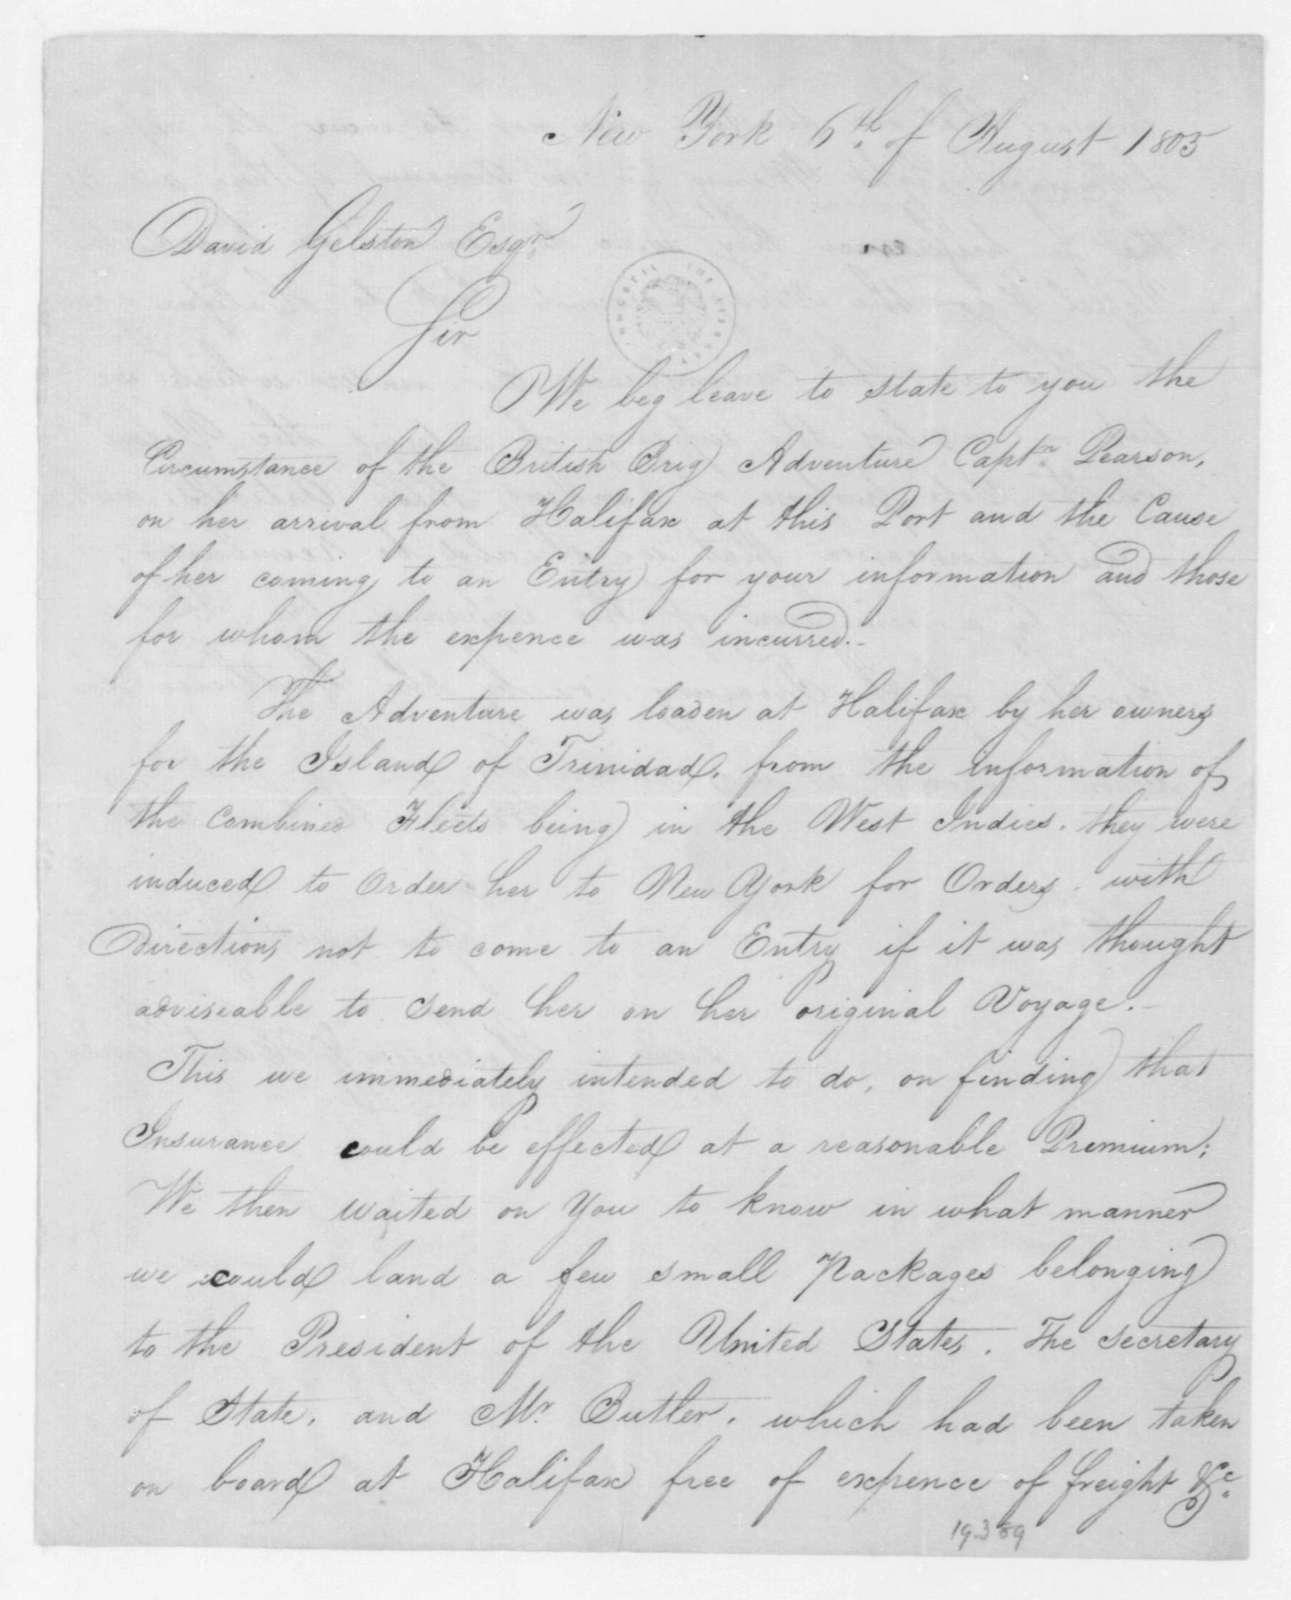 Robinson & Hartshorne to David Gelston, August 6, 1805.